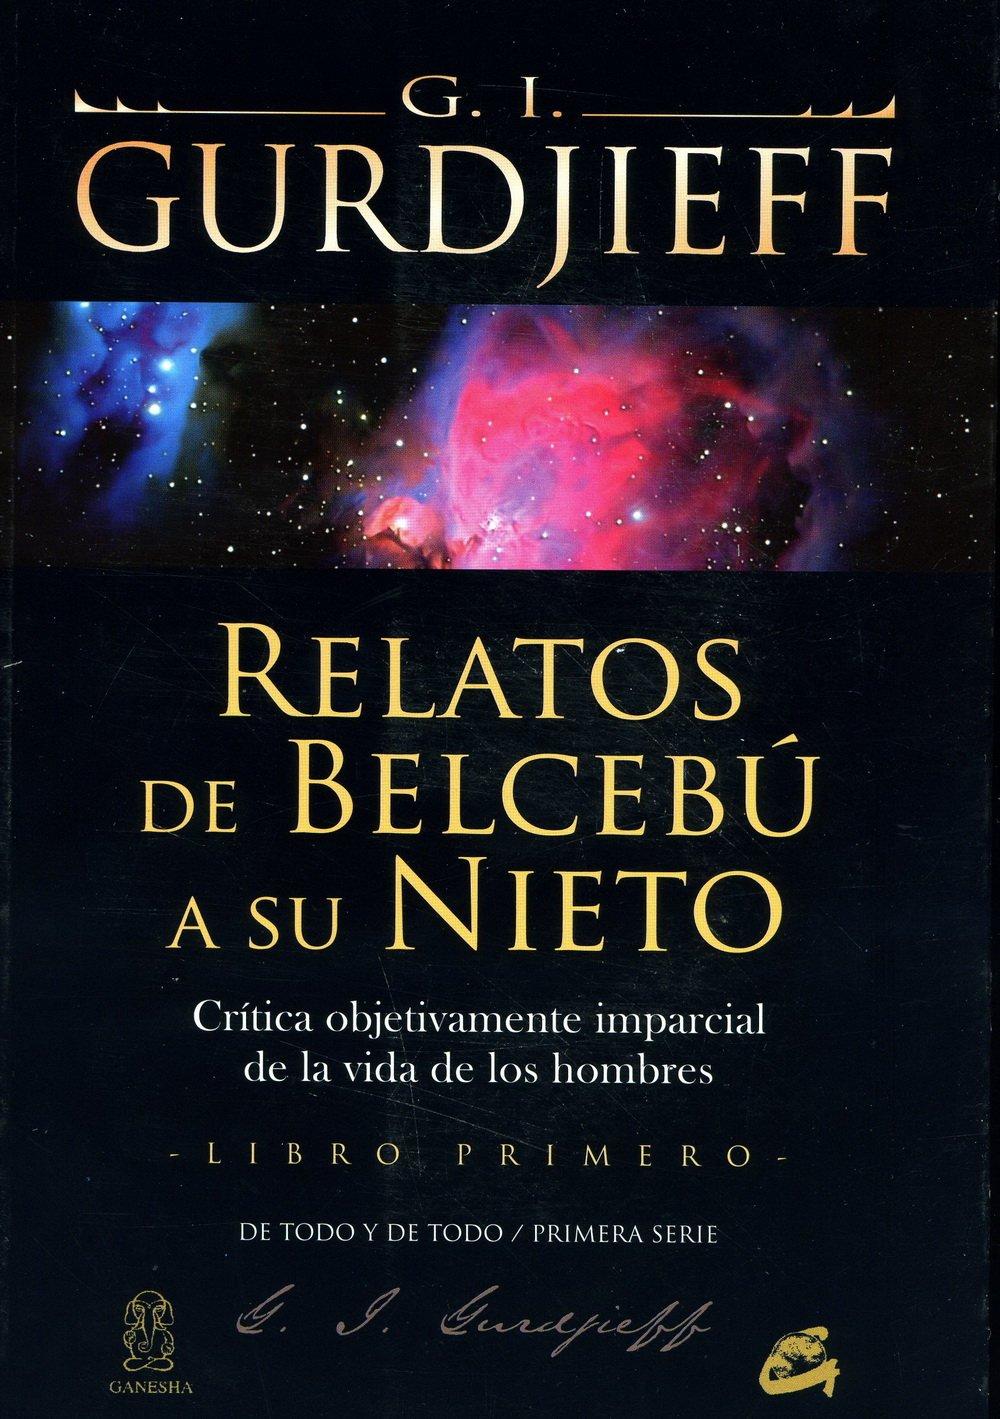 Read Online Relatos de Belcebu a su nieto / Beelzebub's Tales to his Grandson (Spanish Edition) PDF